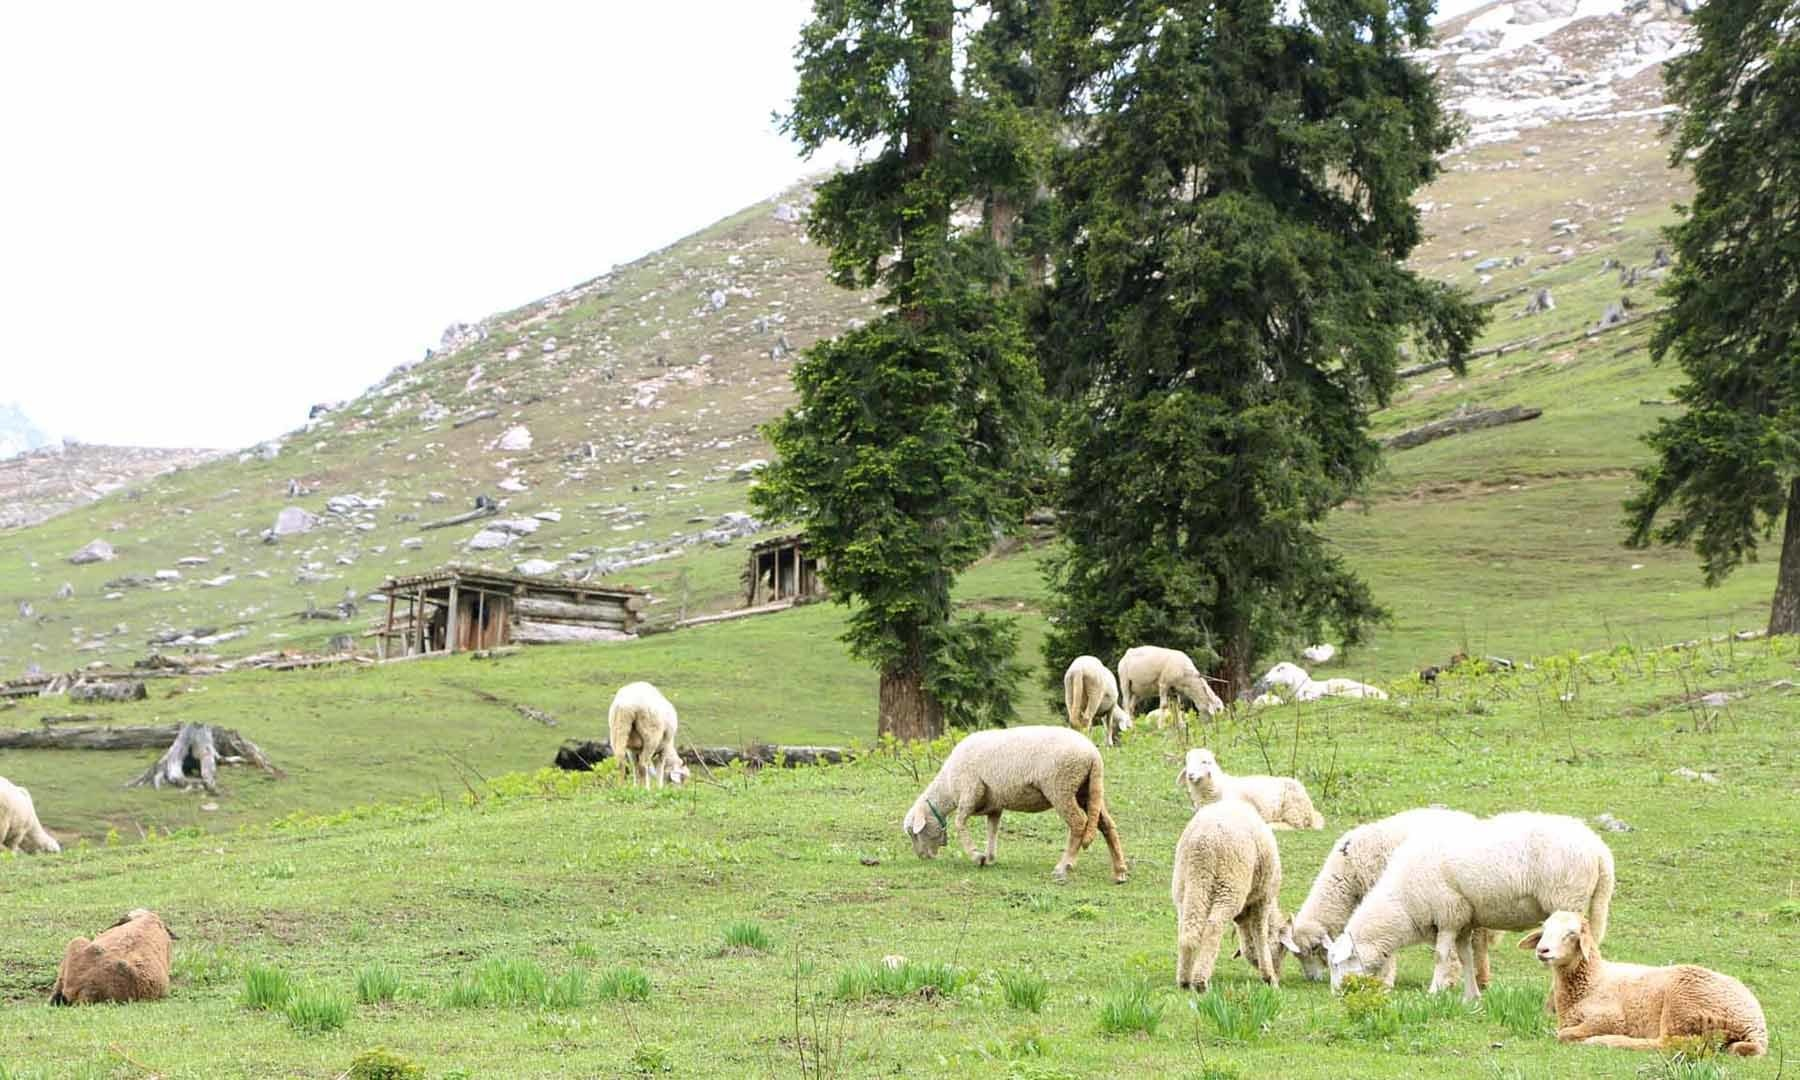 چینیٹی شی بانڈہ میں مال مویشی کے چرنے کا دلچسپ منظر—امجد علی سحابؔ